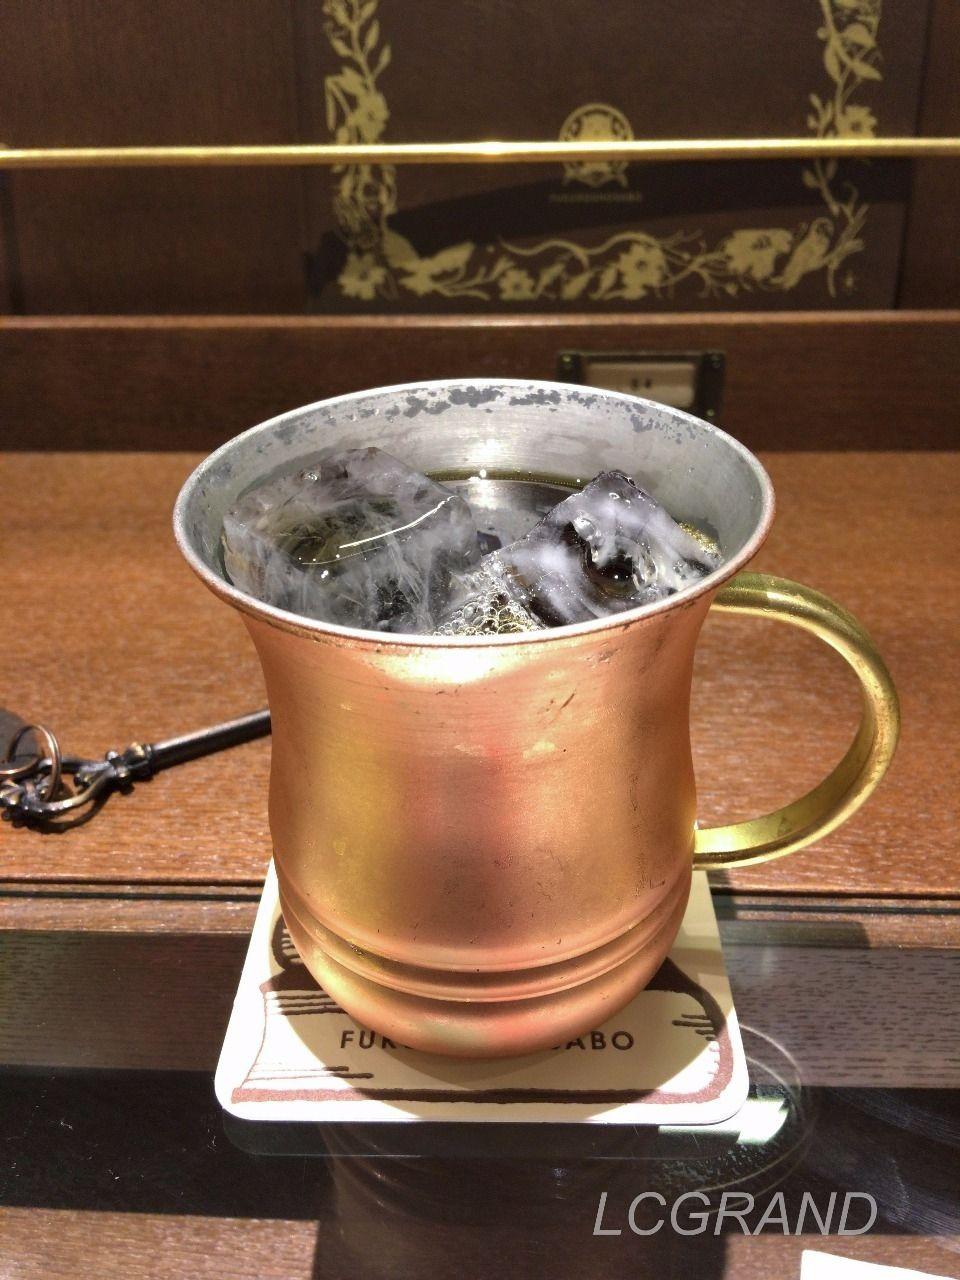 梟書茶房のキリッと冷えた美味しそうなアイスコーヒー